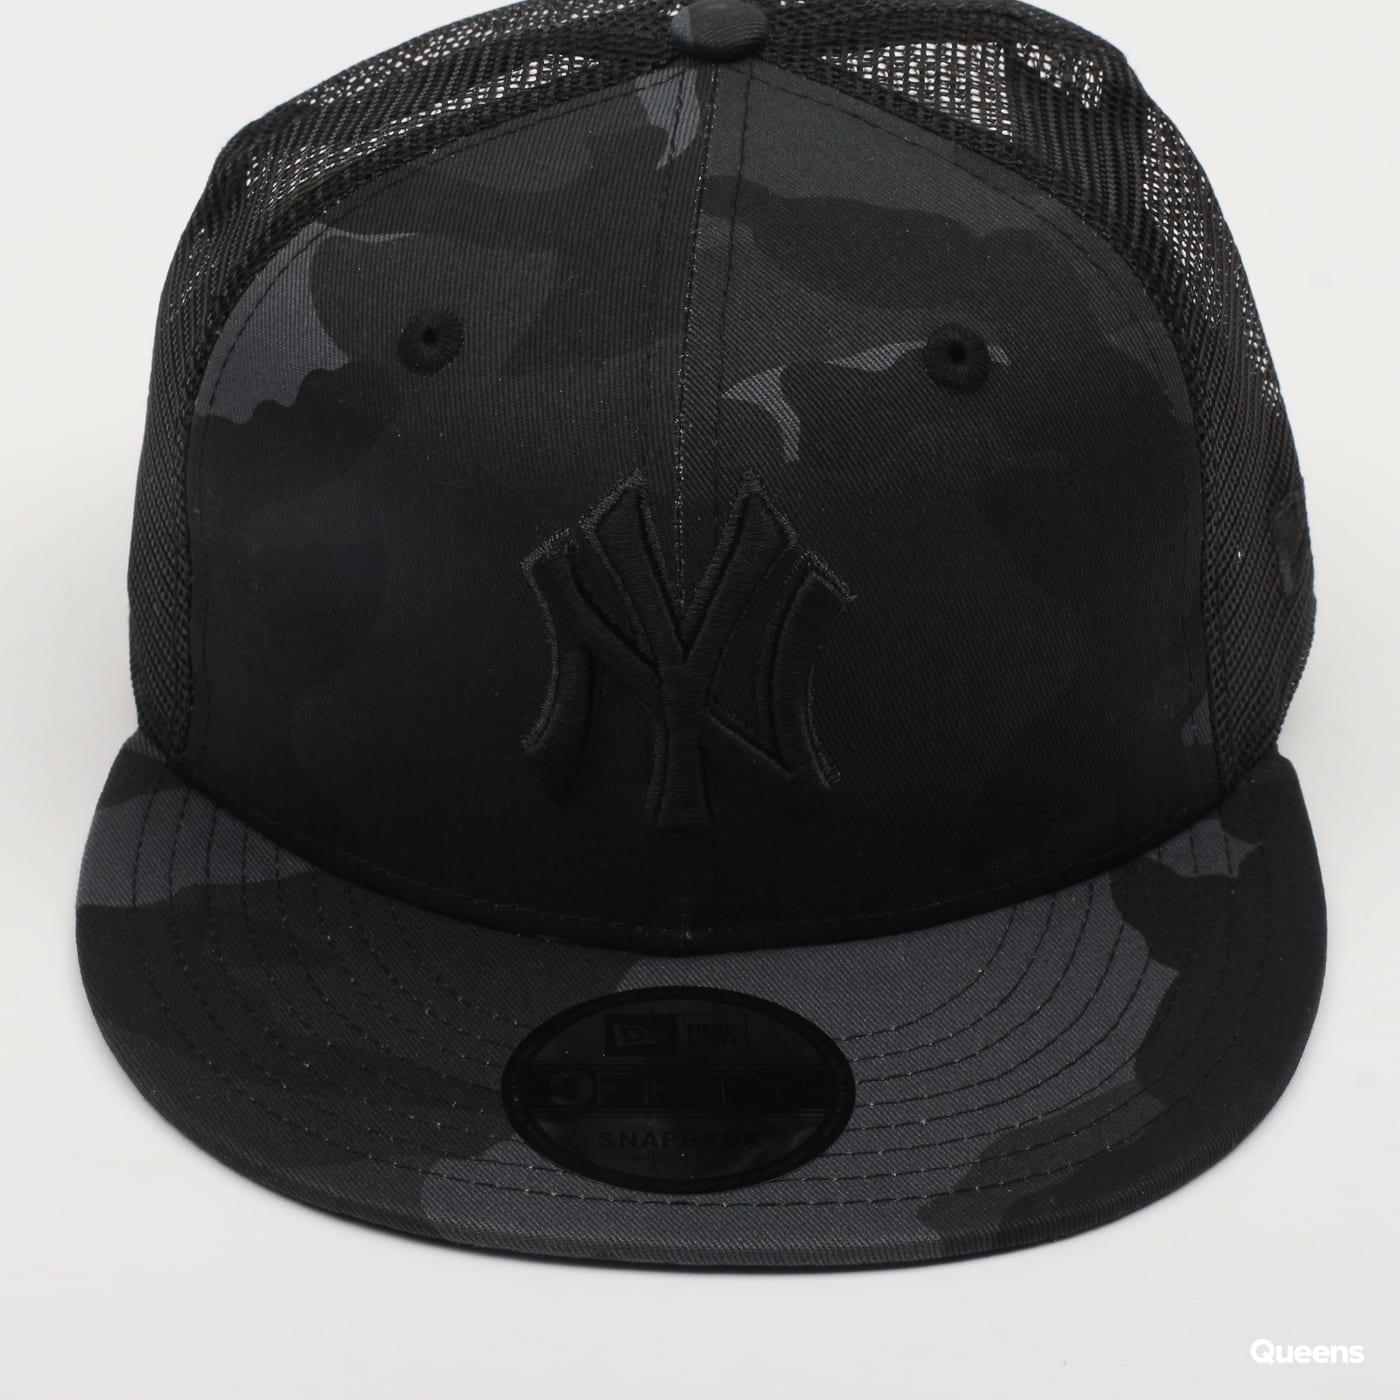 New Era 950 Trucker MLB League camo čierna / tmavošedá